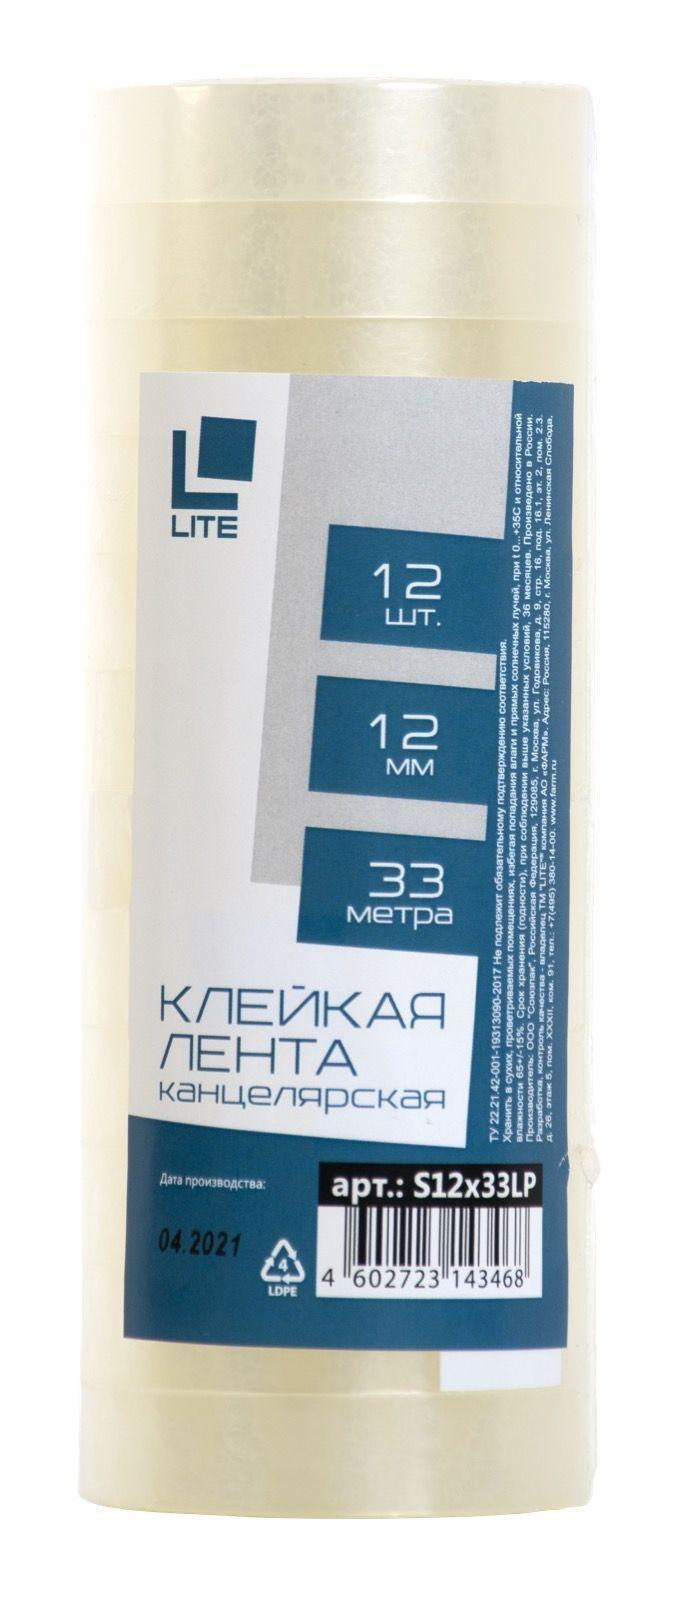 Клейк.лента канцелярская LITE 12 мм 33 м прозрачная